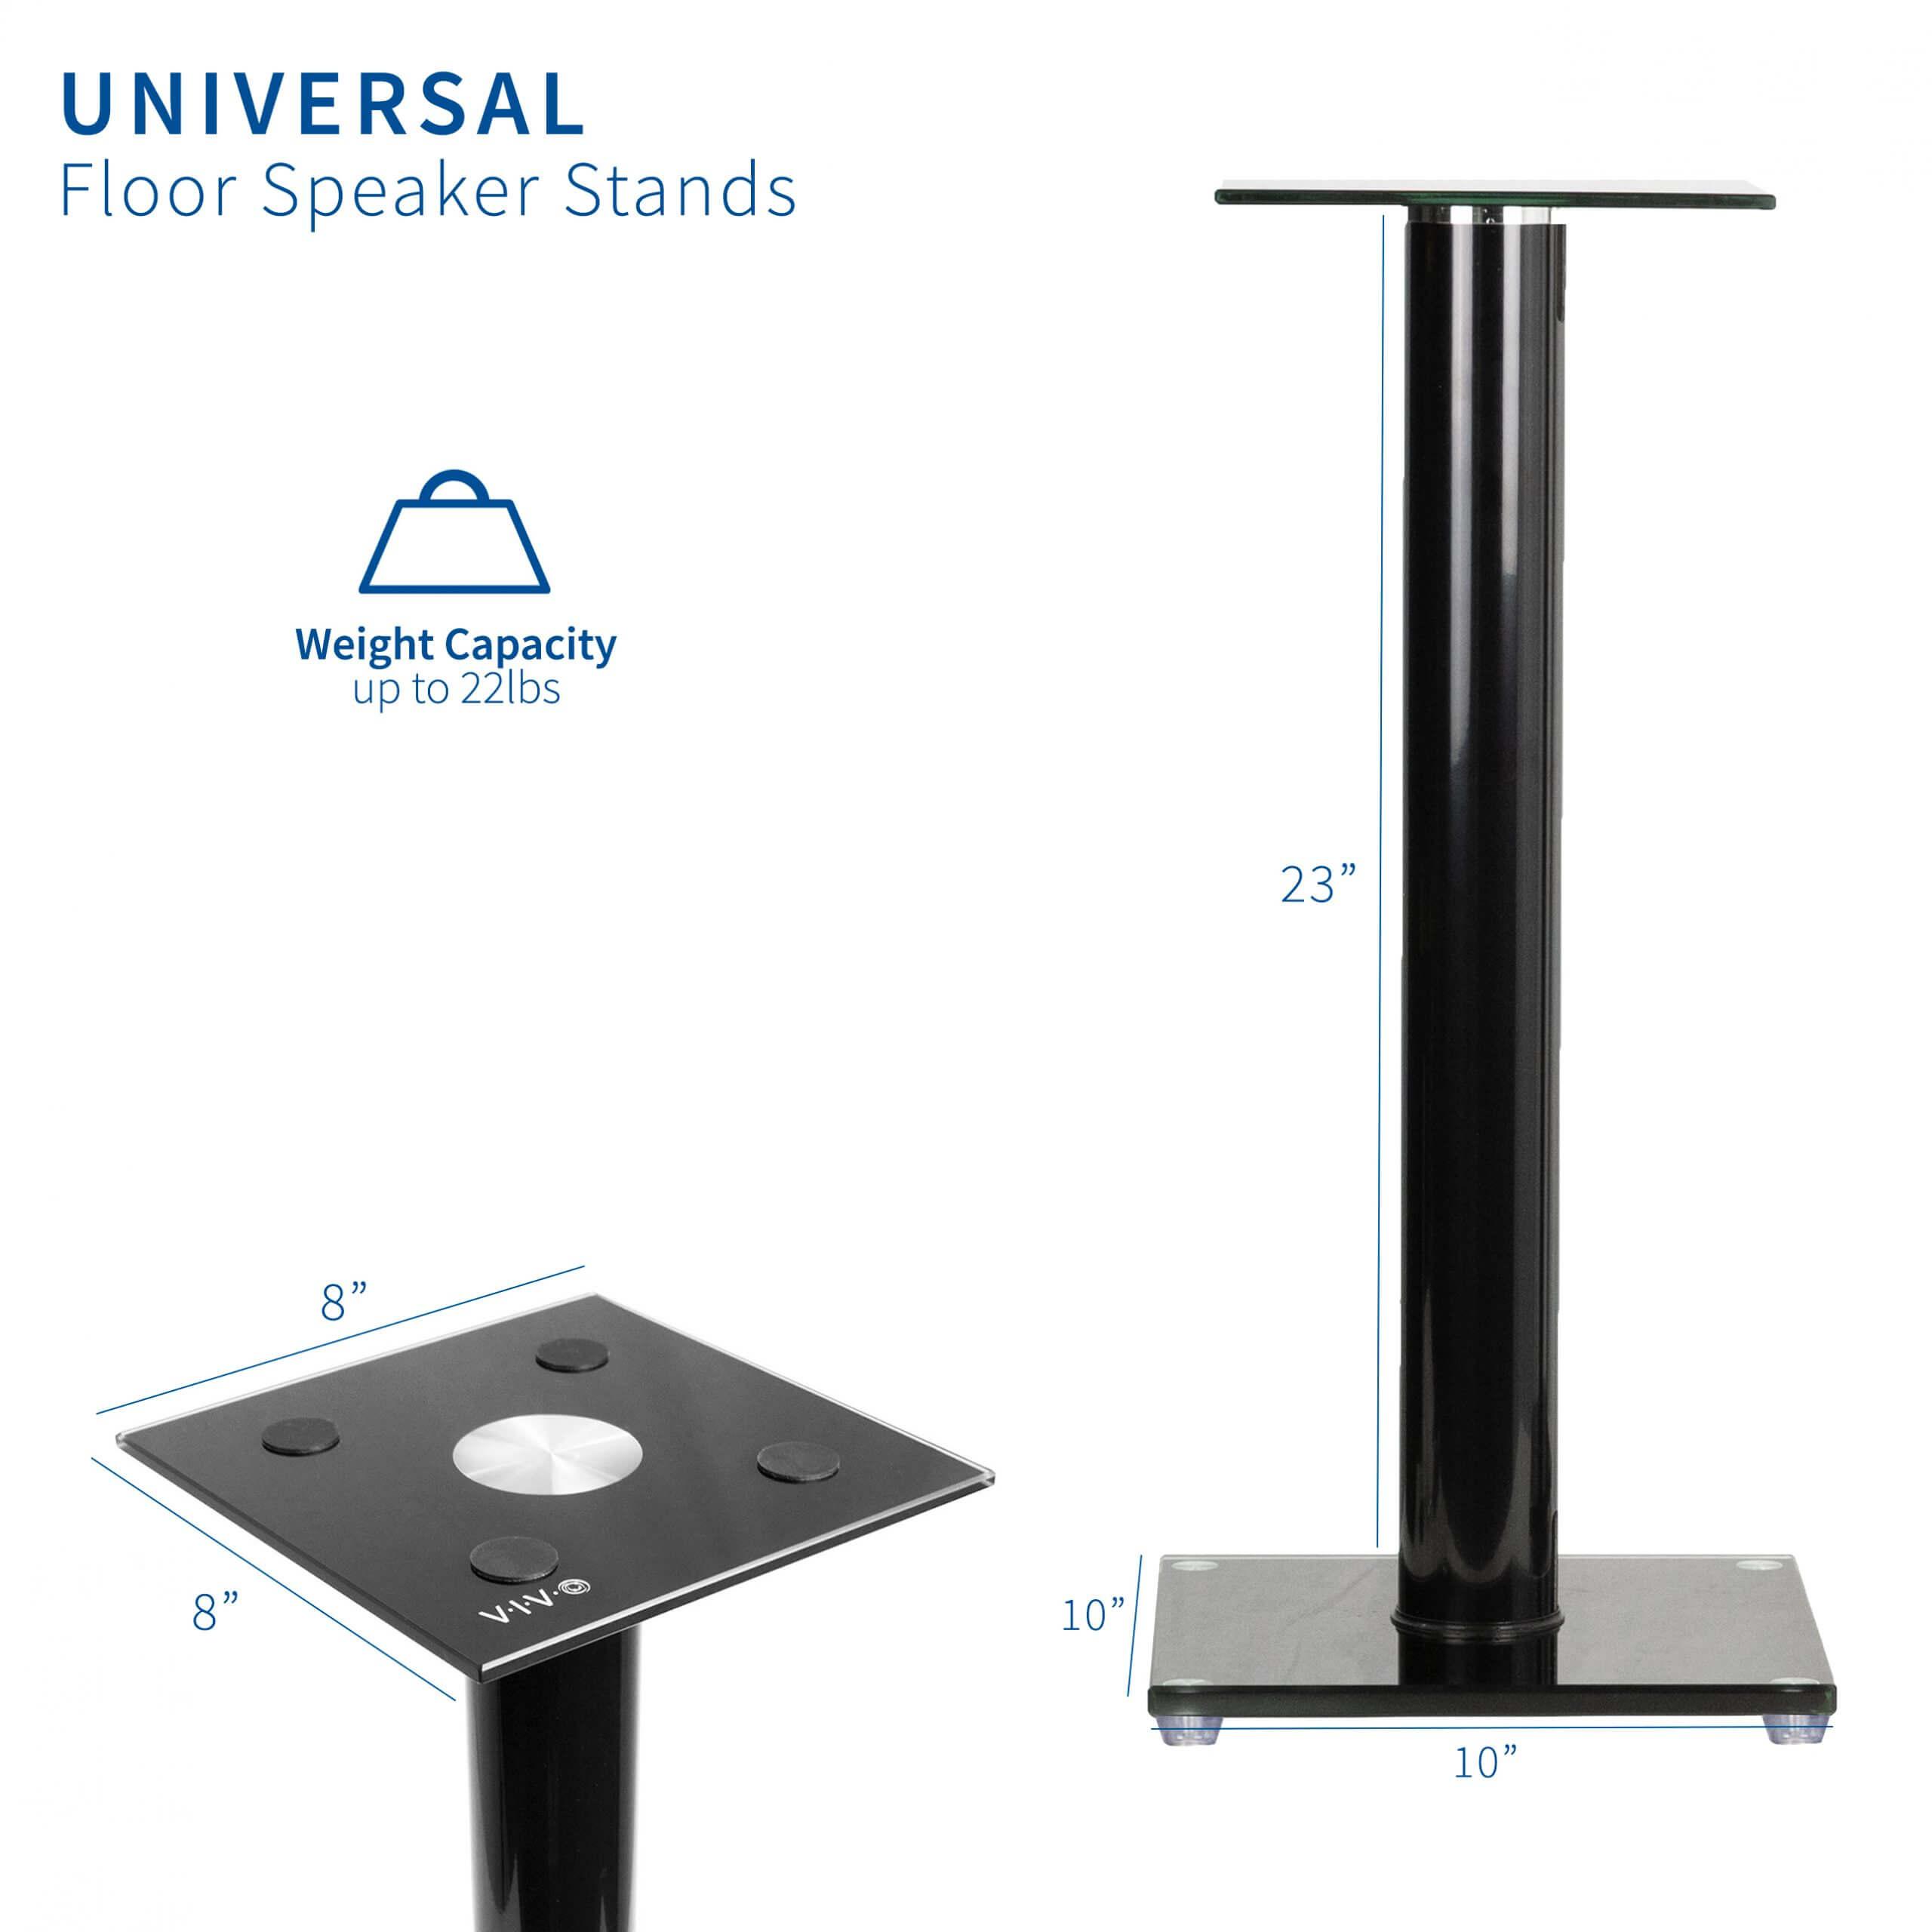 Bookshelf Speaker Stands - Weight Capacity